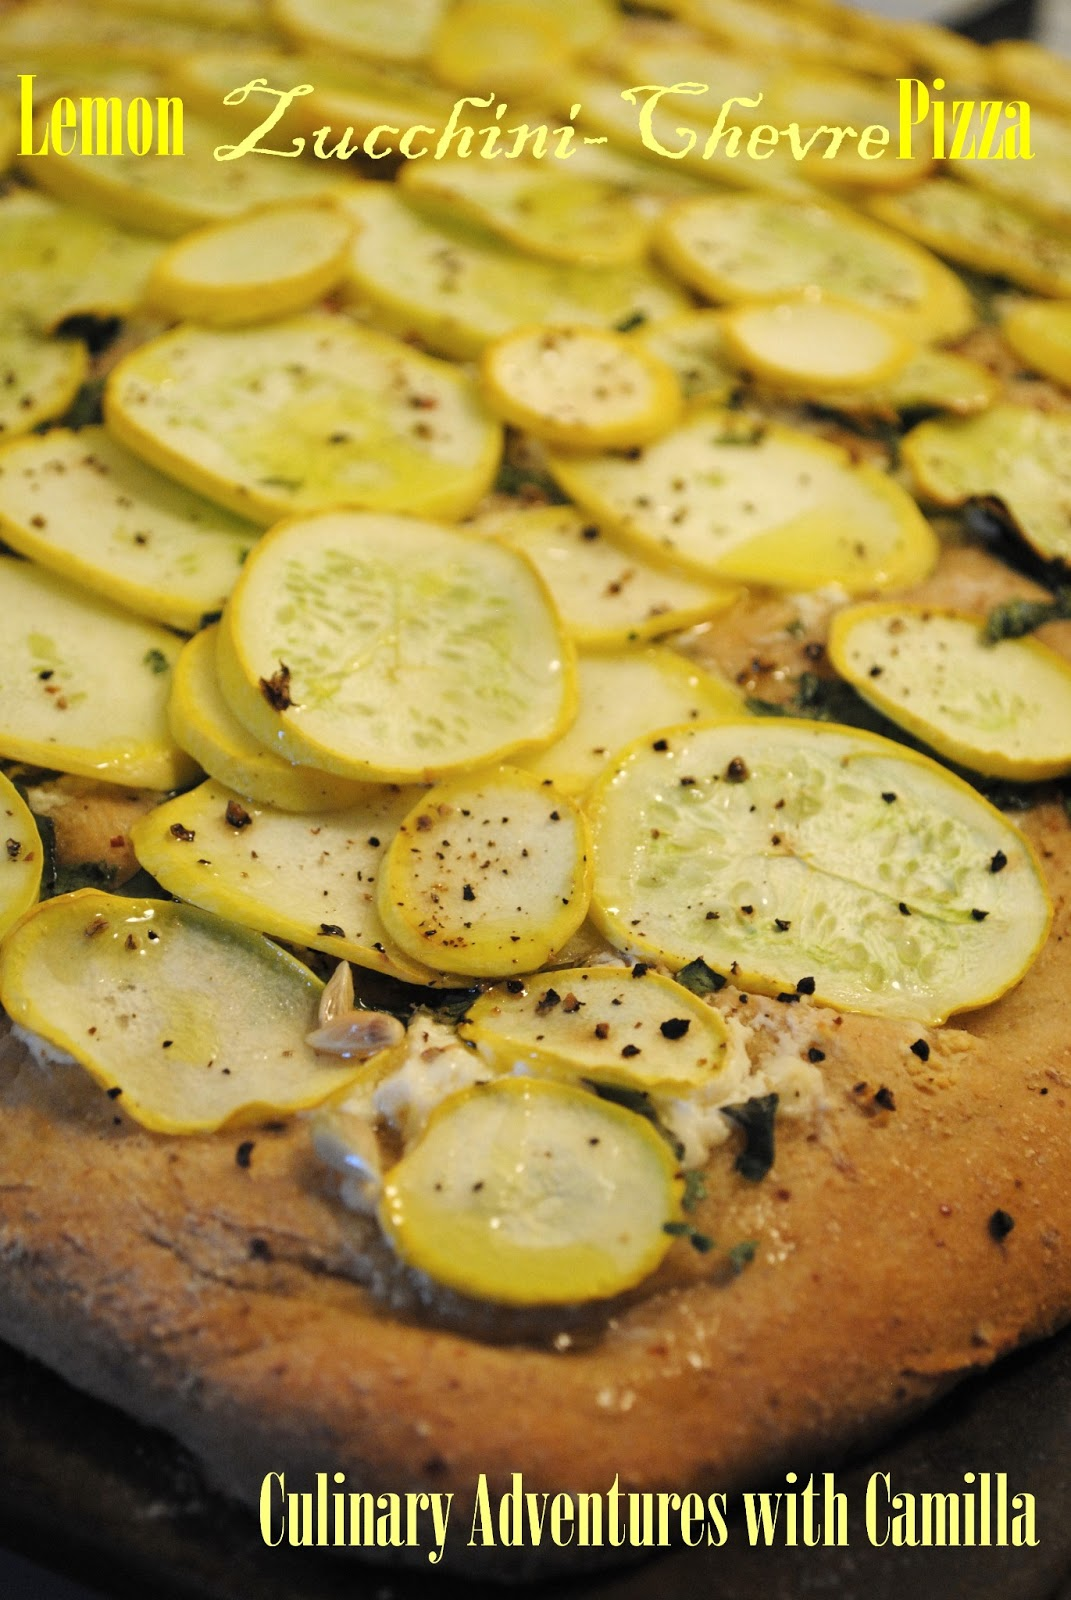 Culinary Adventures with Camilla: Zucchini-Lemon-Chevre Pizza